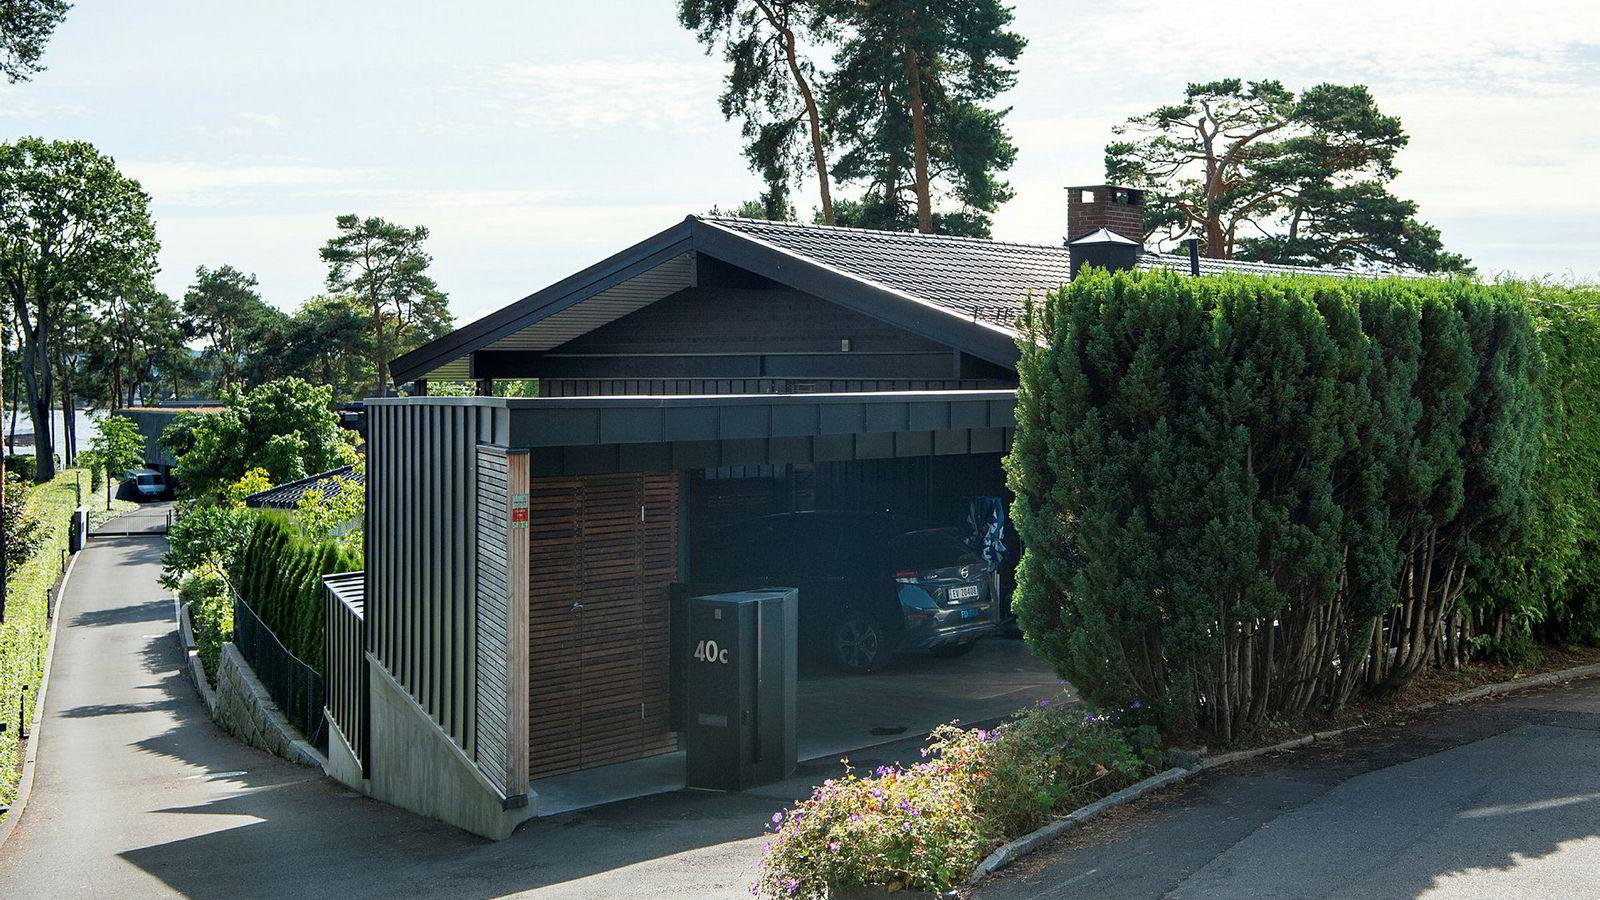 Eiendommen i P. T. Mallings vei på Bygdøy ble solgt for 36,5 millioner kroner.